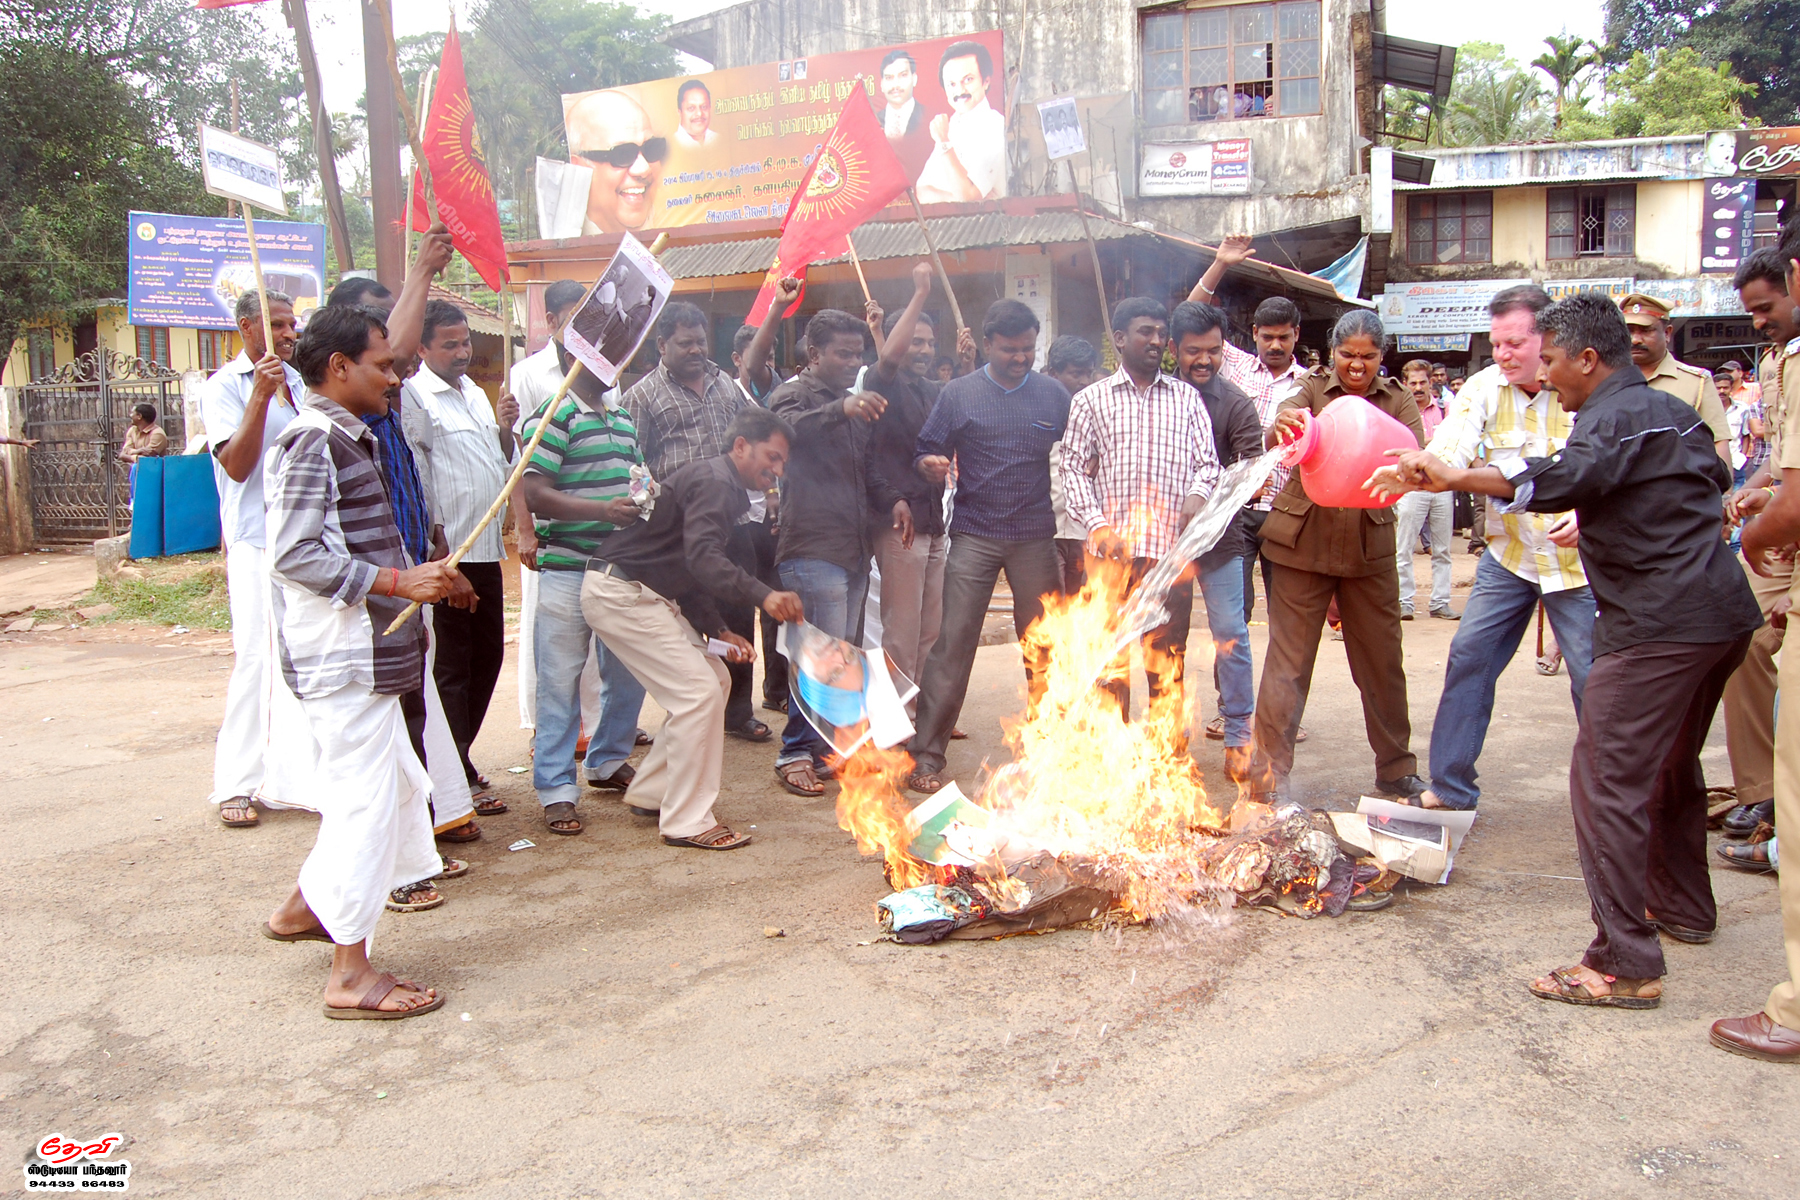 முற்றுகை: நாம் தமிழர் கட்சியினர் 32 பேர் கைது DSC 2506